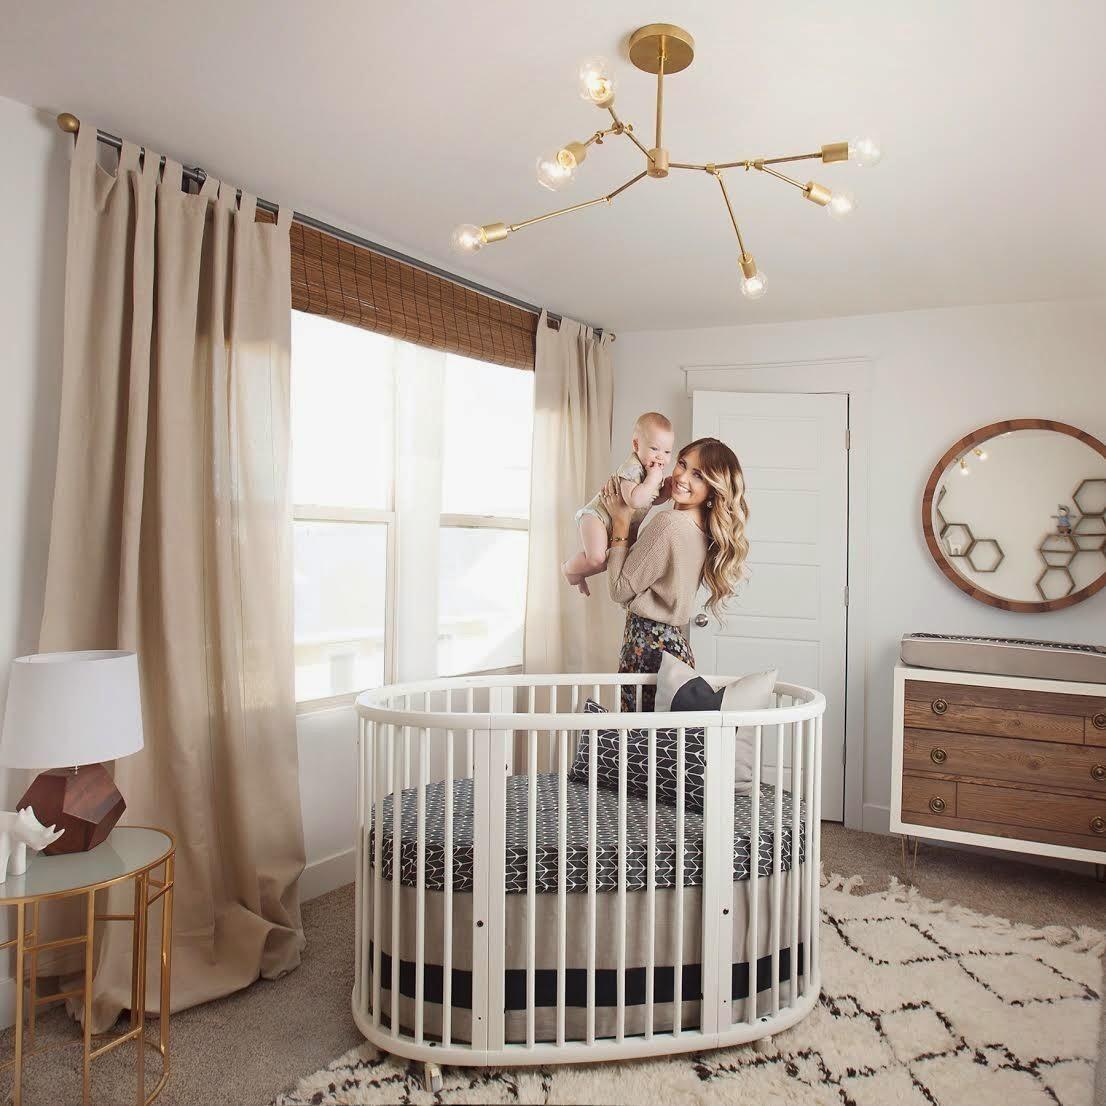 Sleepi Crib Bed White Oval Crib Nursery Neutral Nursery